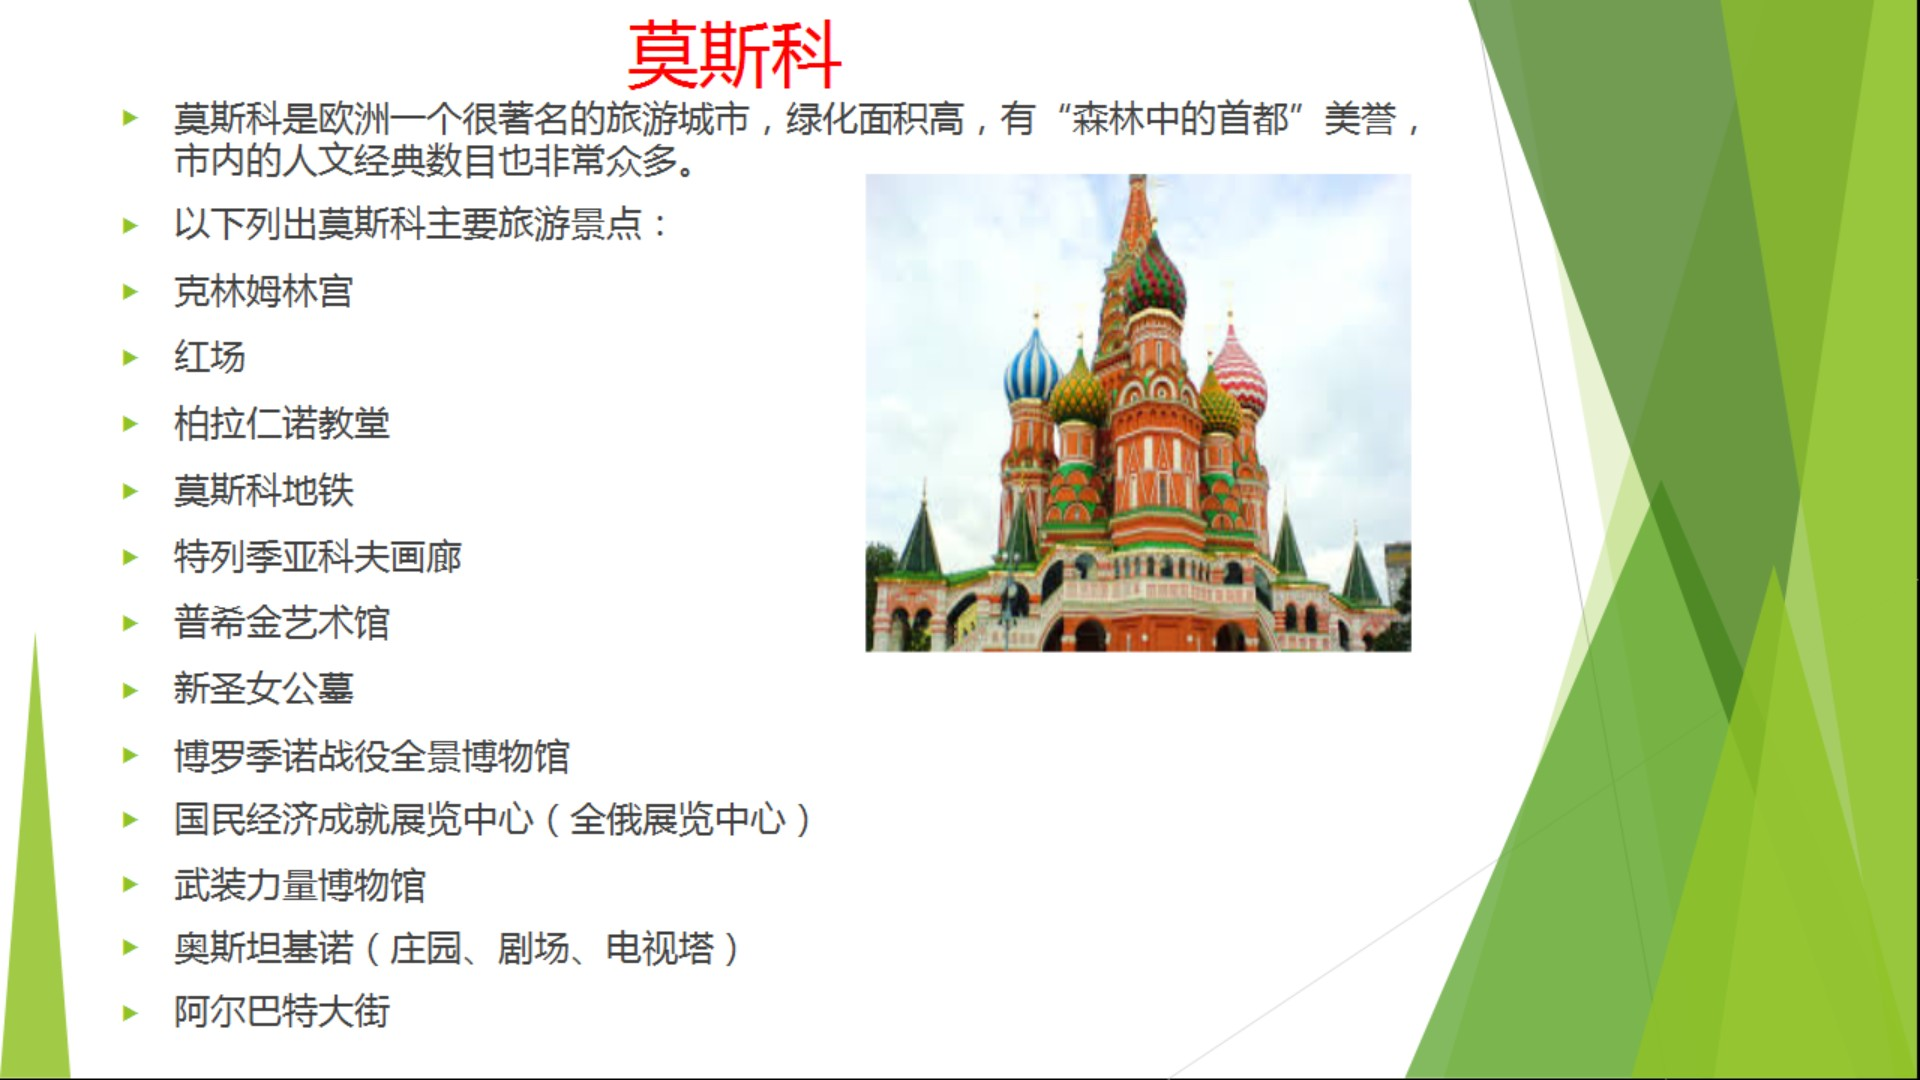 LENOVO-PC-2016-may-12-041